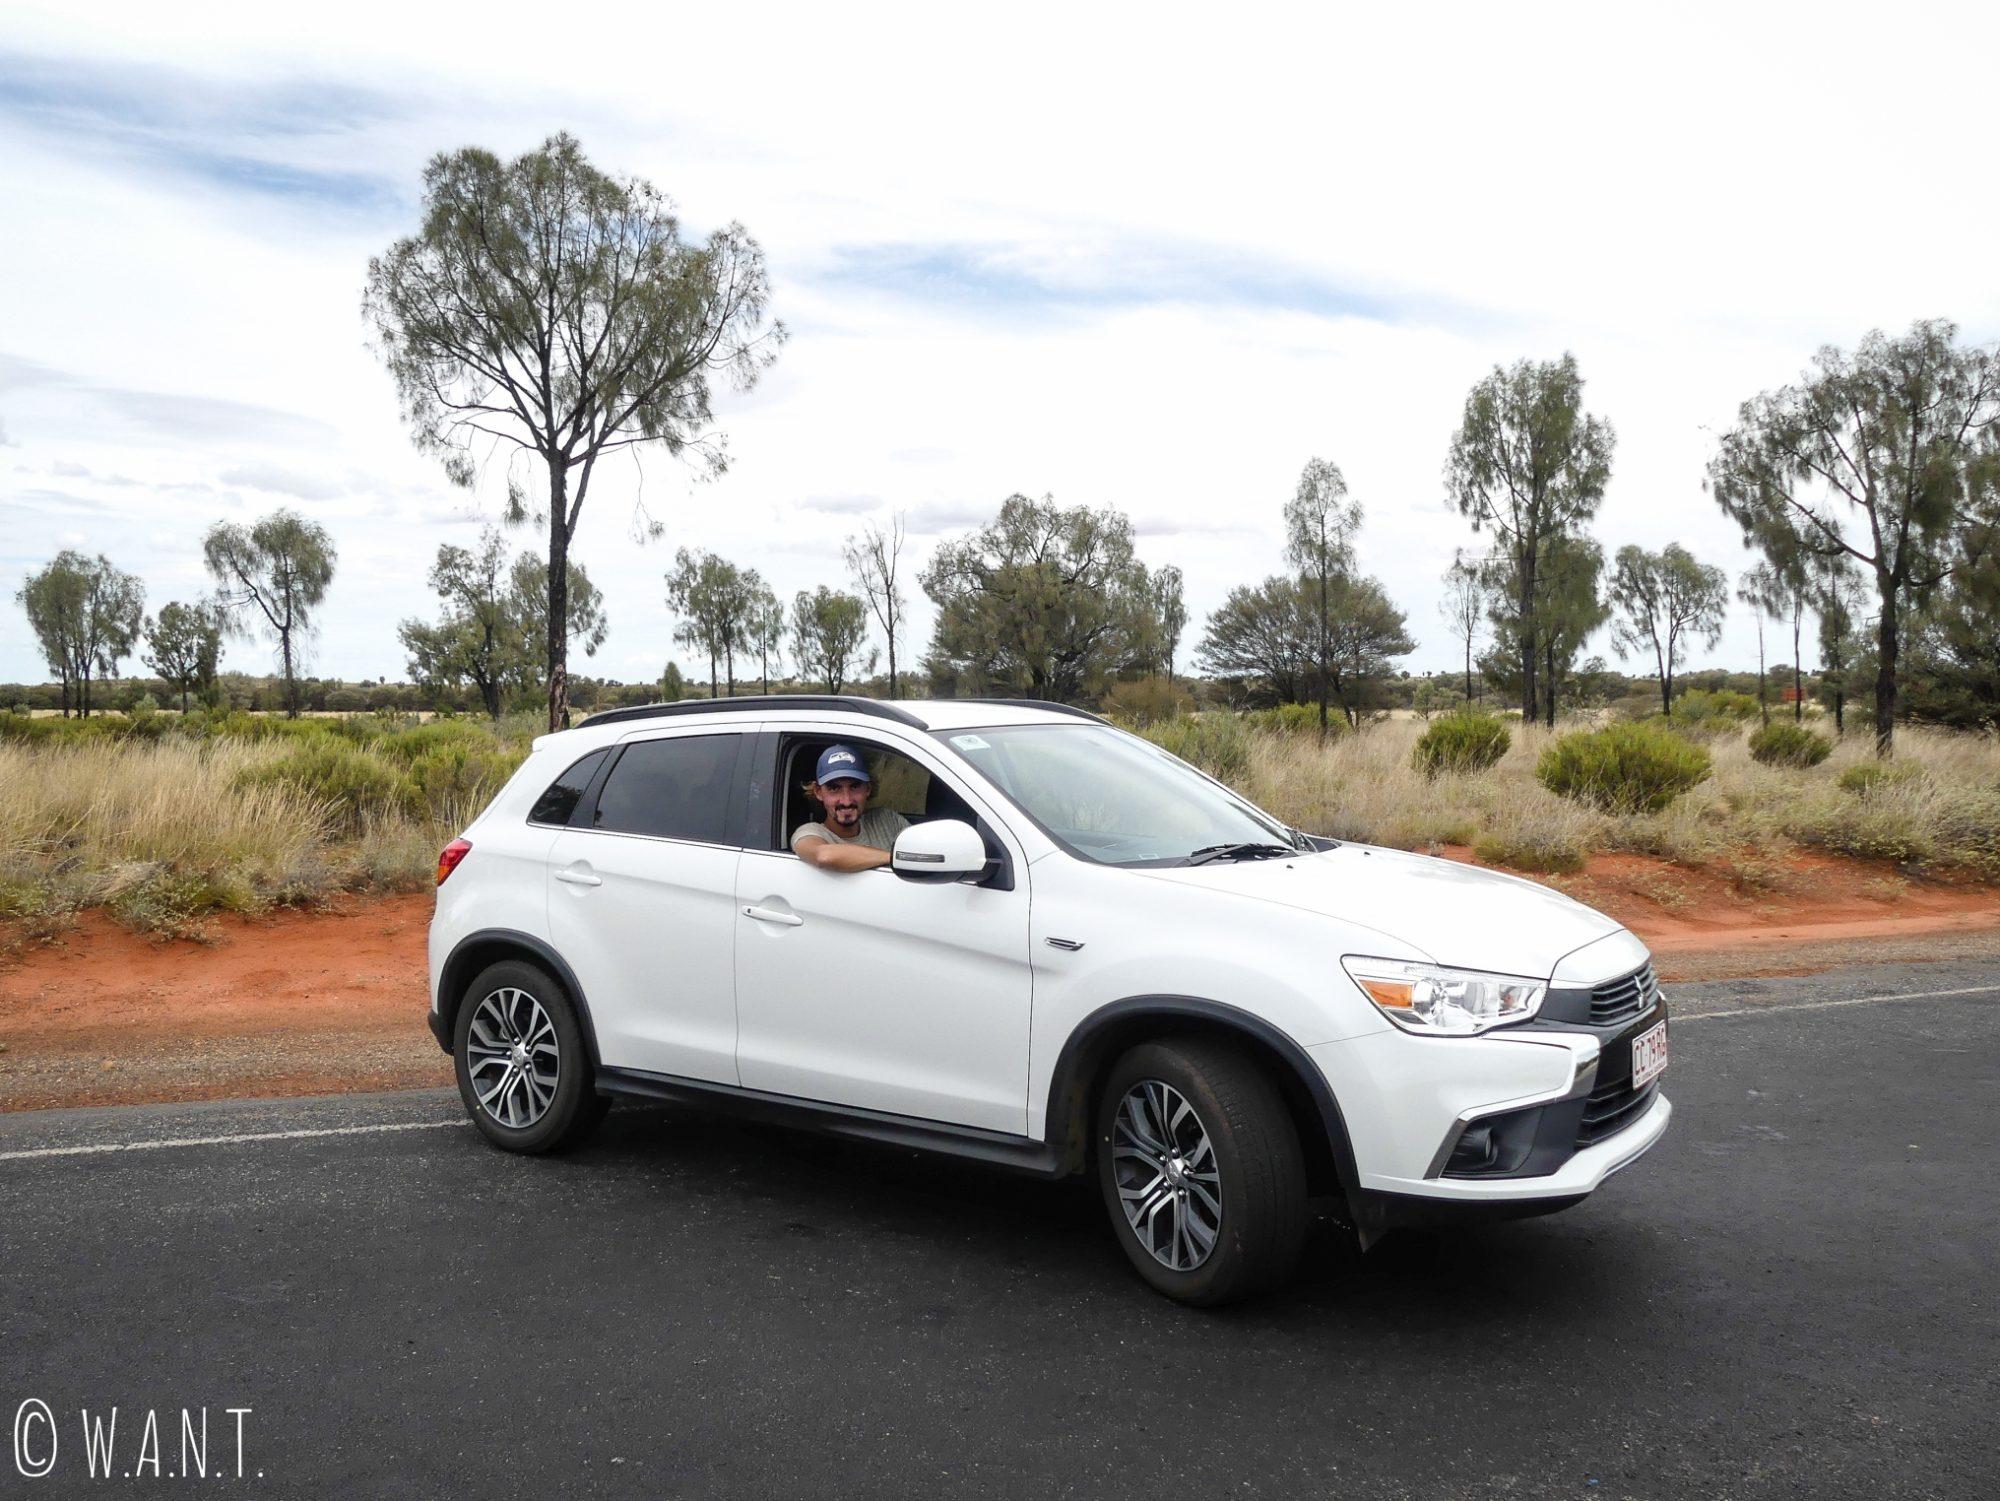 Notre voiture de location durant nore séjour au parc national Uluru-Kata Tjuta